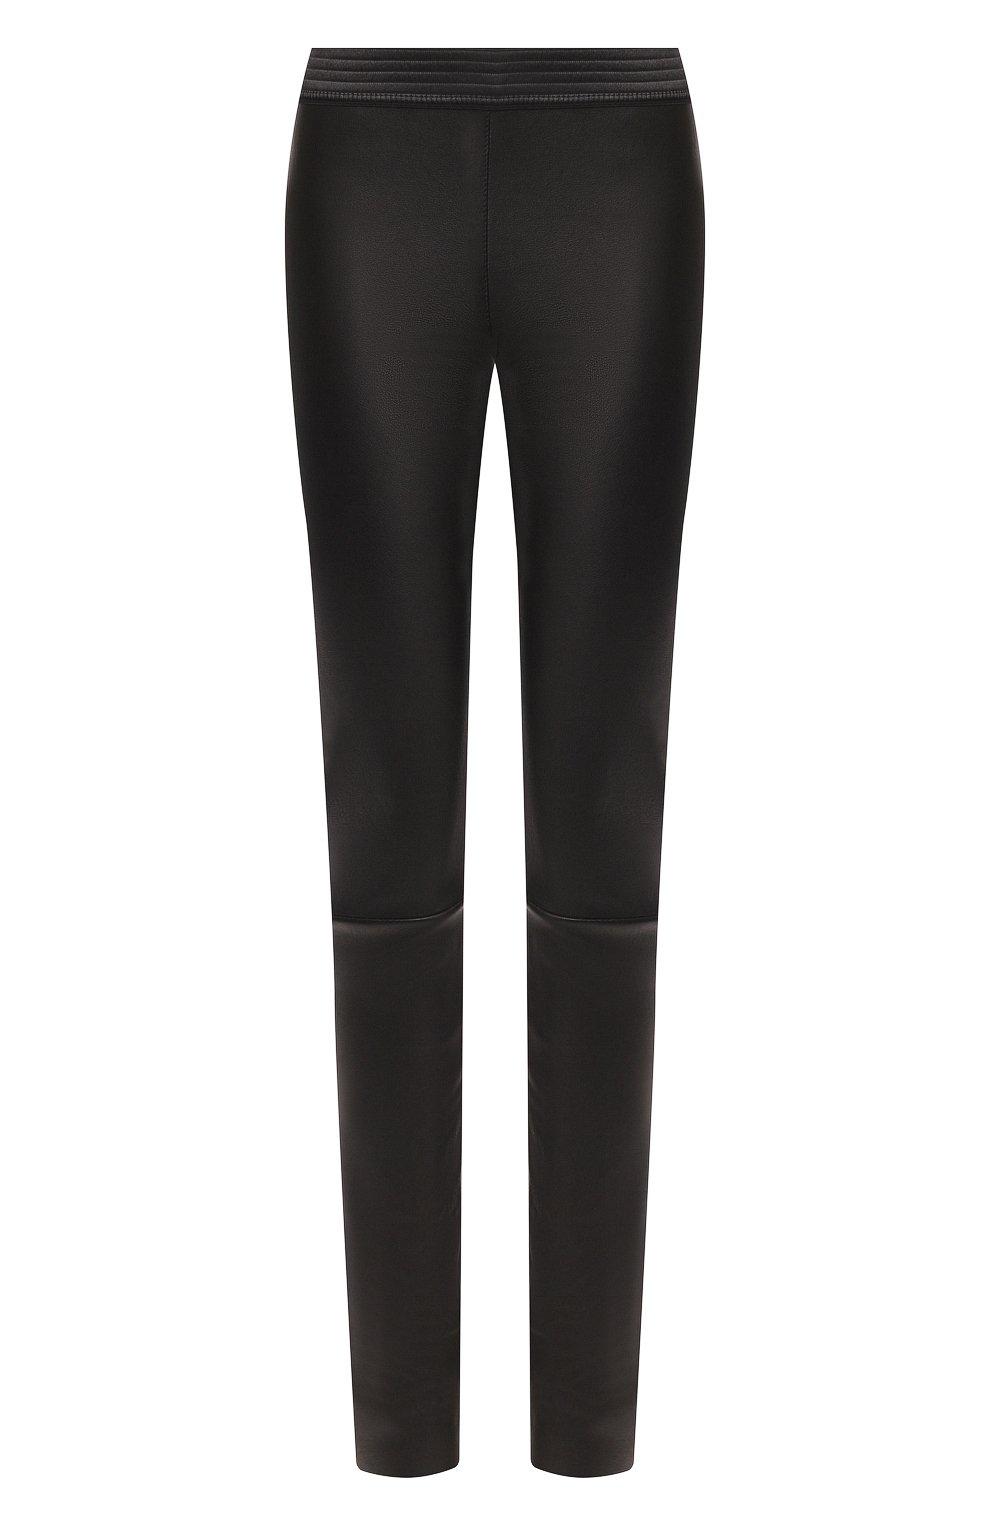 Женские кожаные леггинсы DROME черного цвета, арт. DPD1017P/D1835P | Фото 1 (Длина (брюки, джинсы): Удлиненные, Стандартные; Женское Кросс-КТ: Леггинсы-одежда, Кожаные брюки; Статус проверки: Проверена категория)